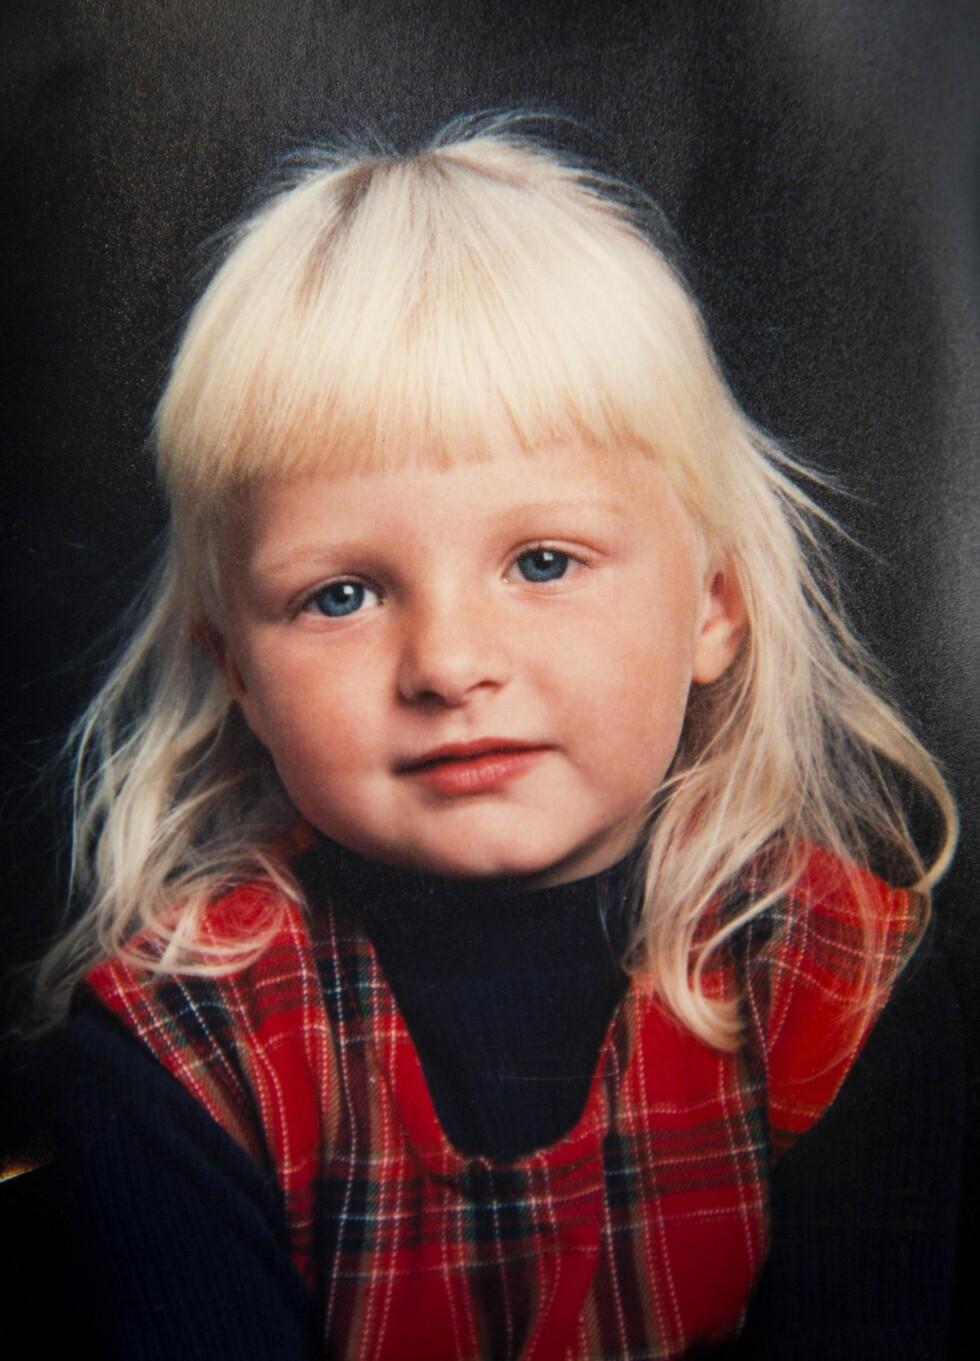 FIKK VITE SANNHETEN: Helle var 7 år da moren fortalte at hun var donorbarn. Foto: Privat